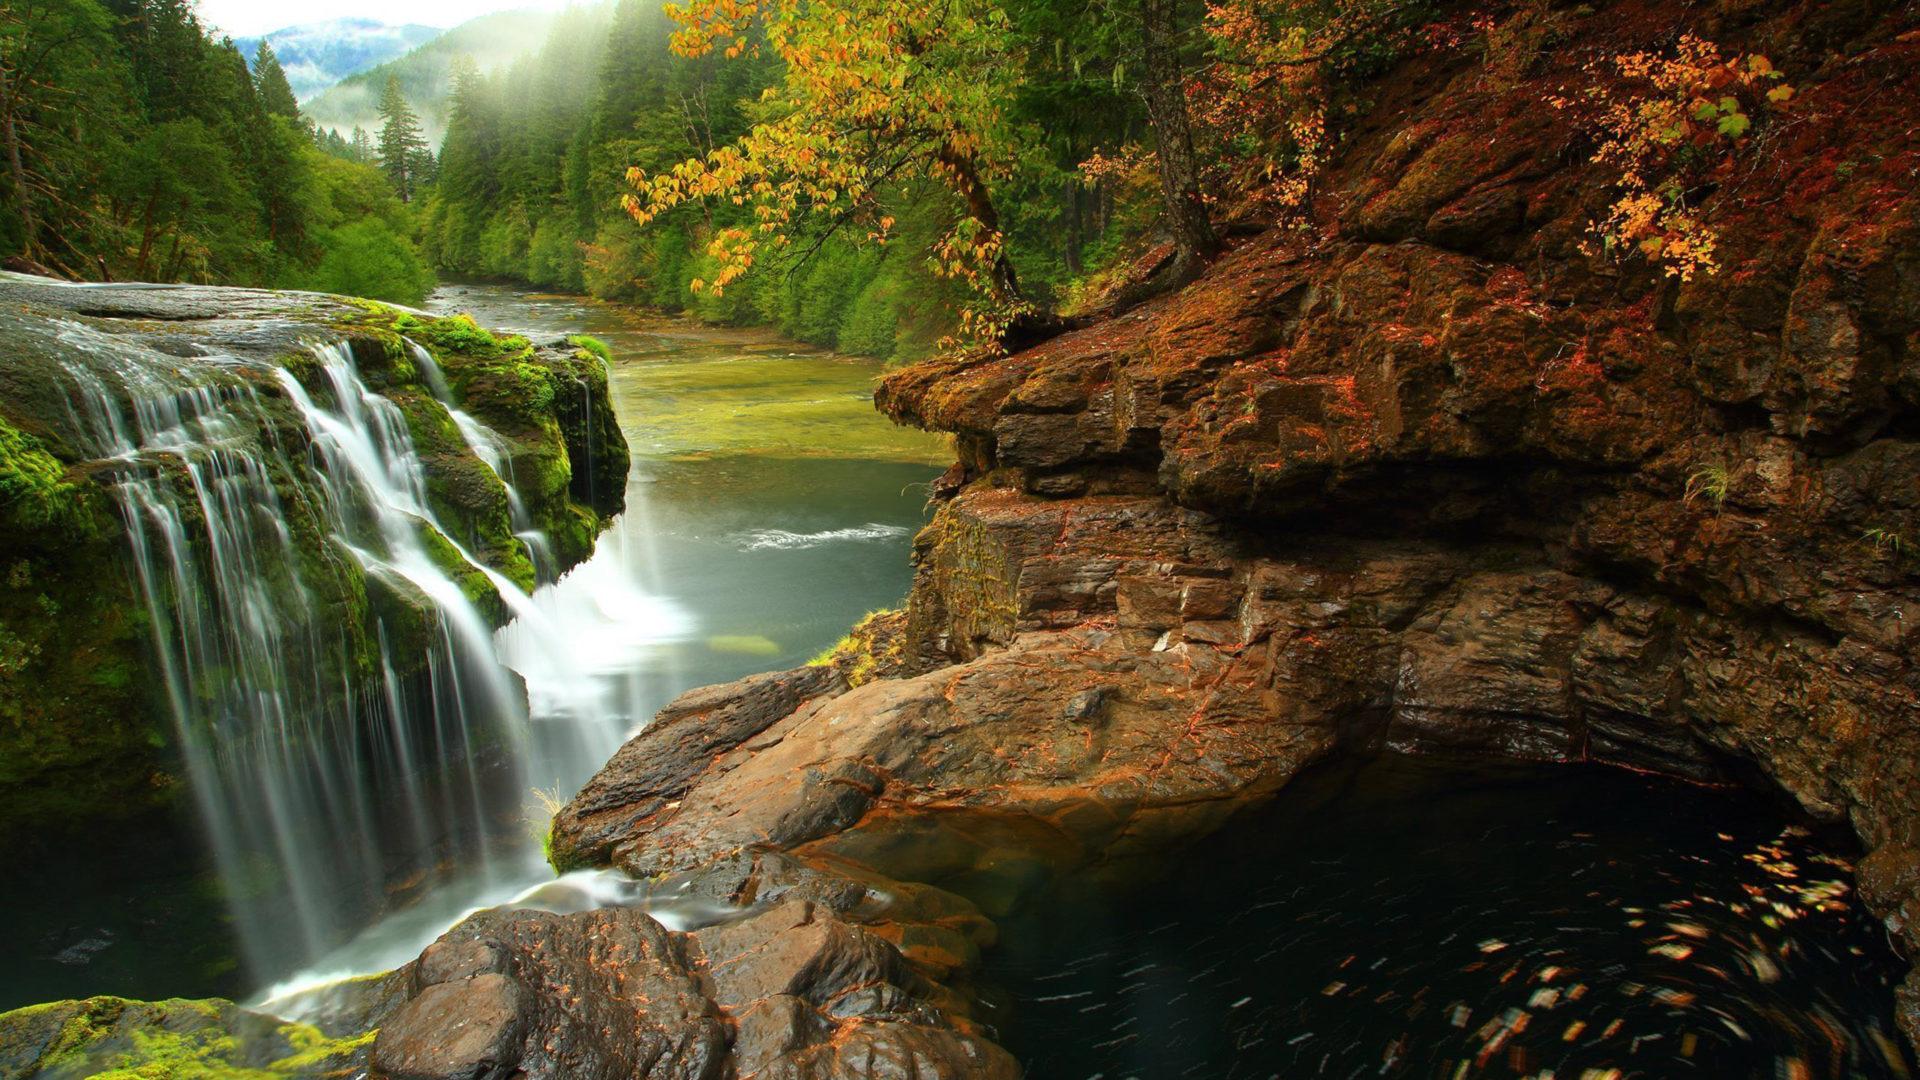 Kuang Si Falls Hd Wallpaper Lewis River Falls At Gifford Pinchot National Forest